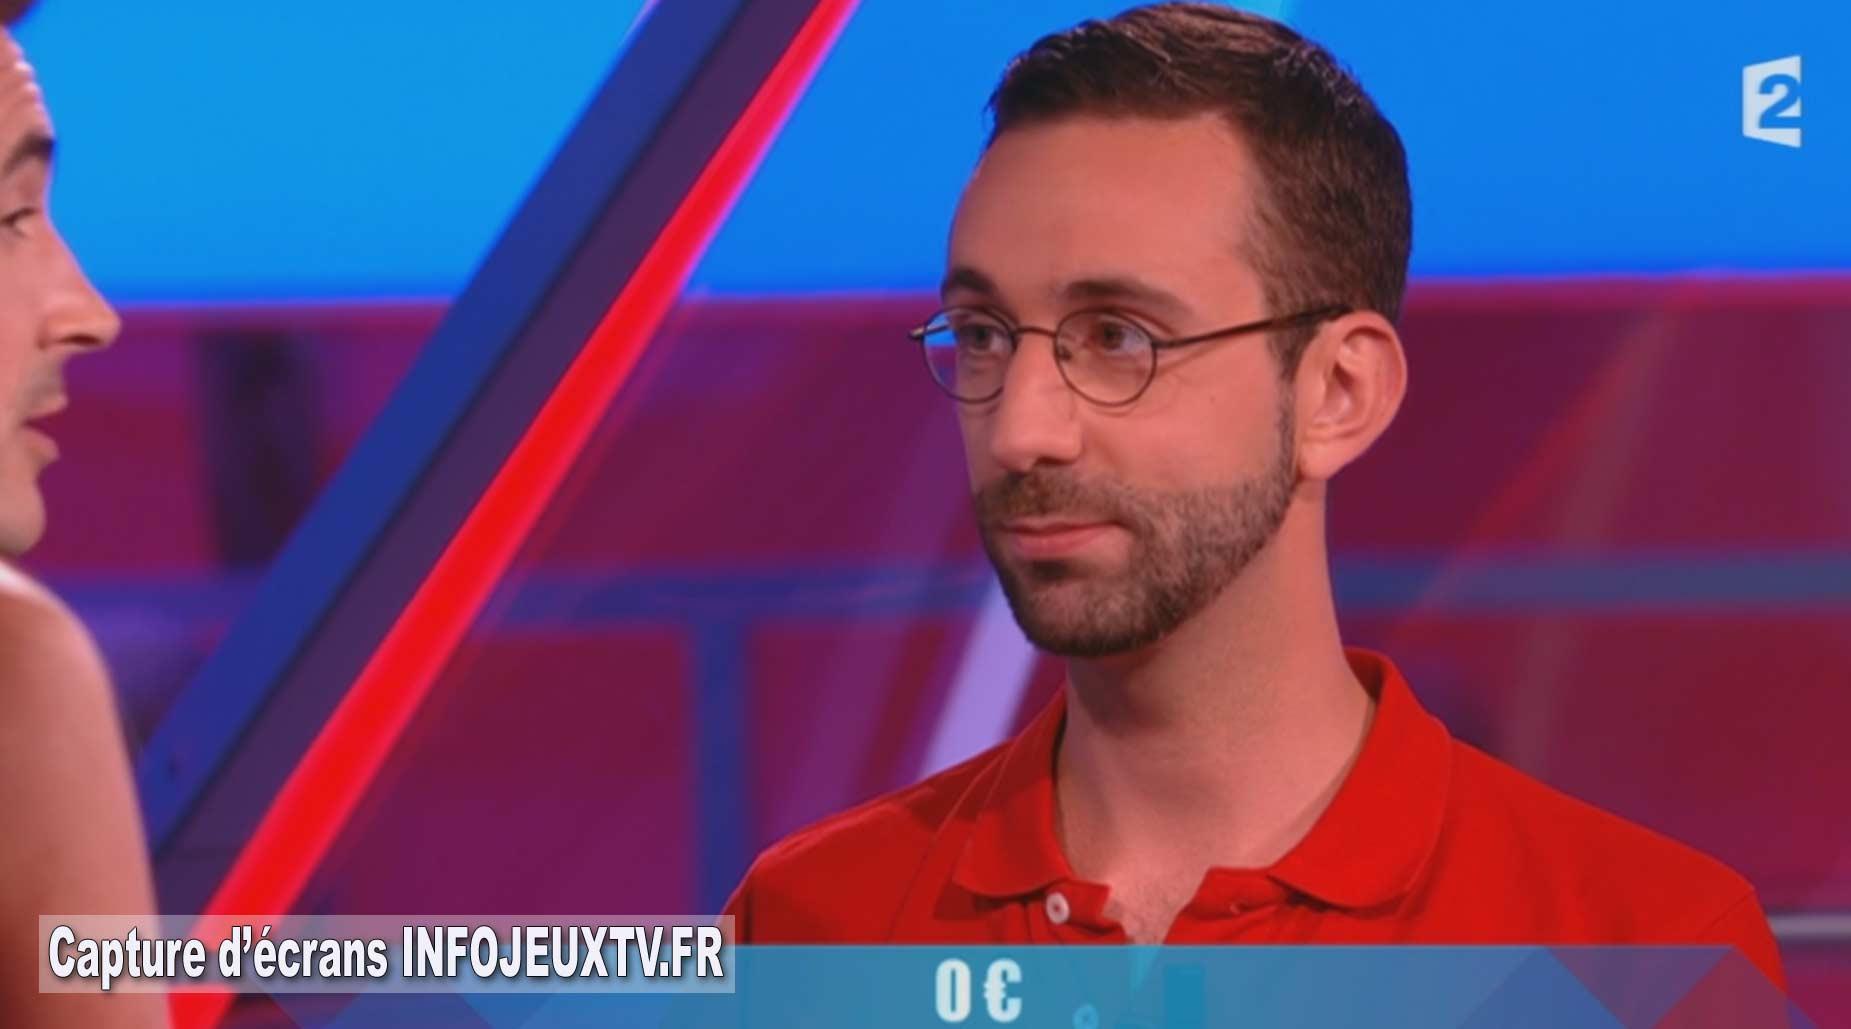 Laurent n'a pas trouvé la réponse a l'énigme et repart avec 0€